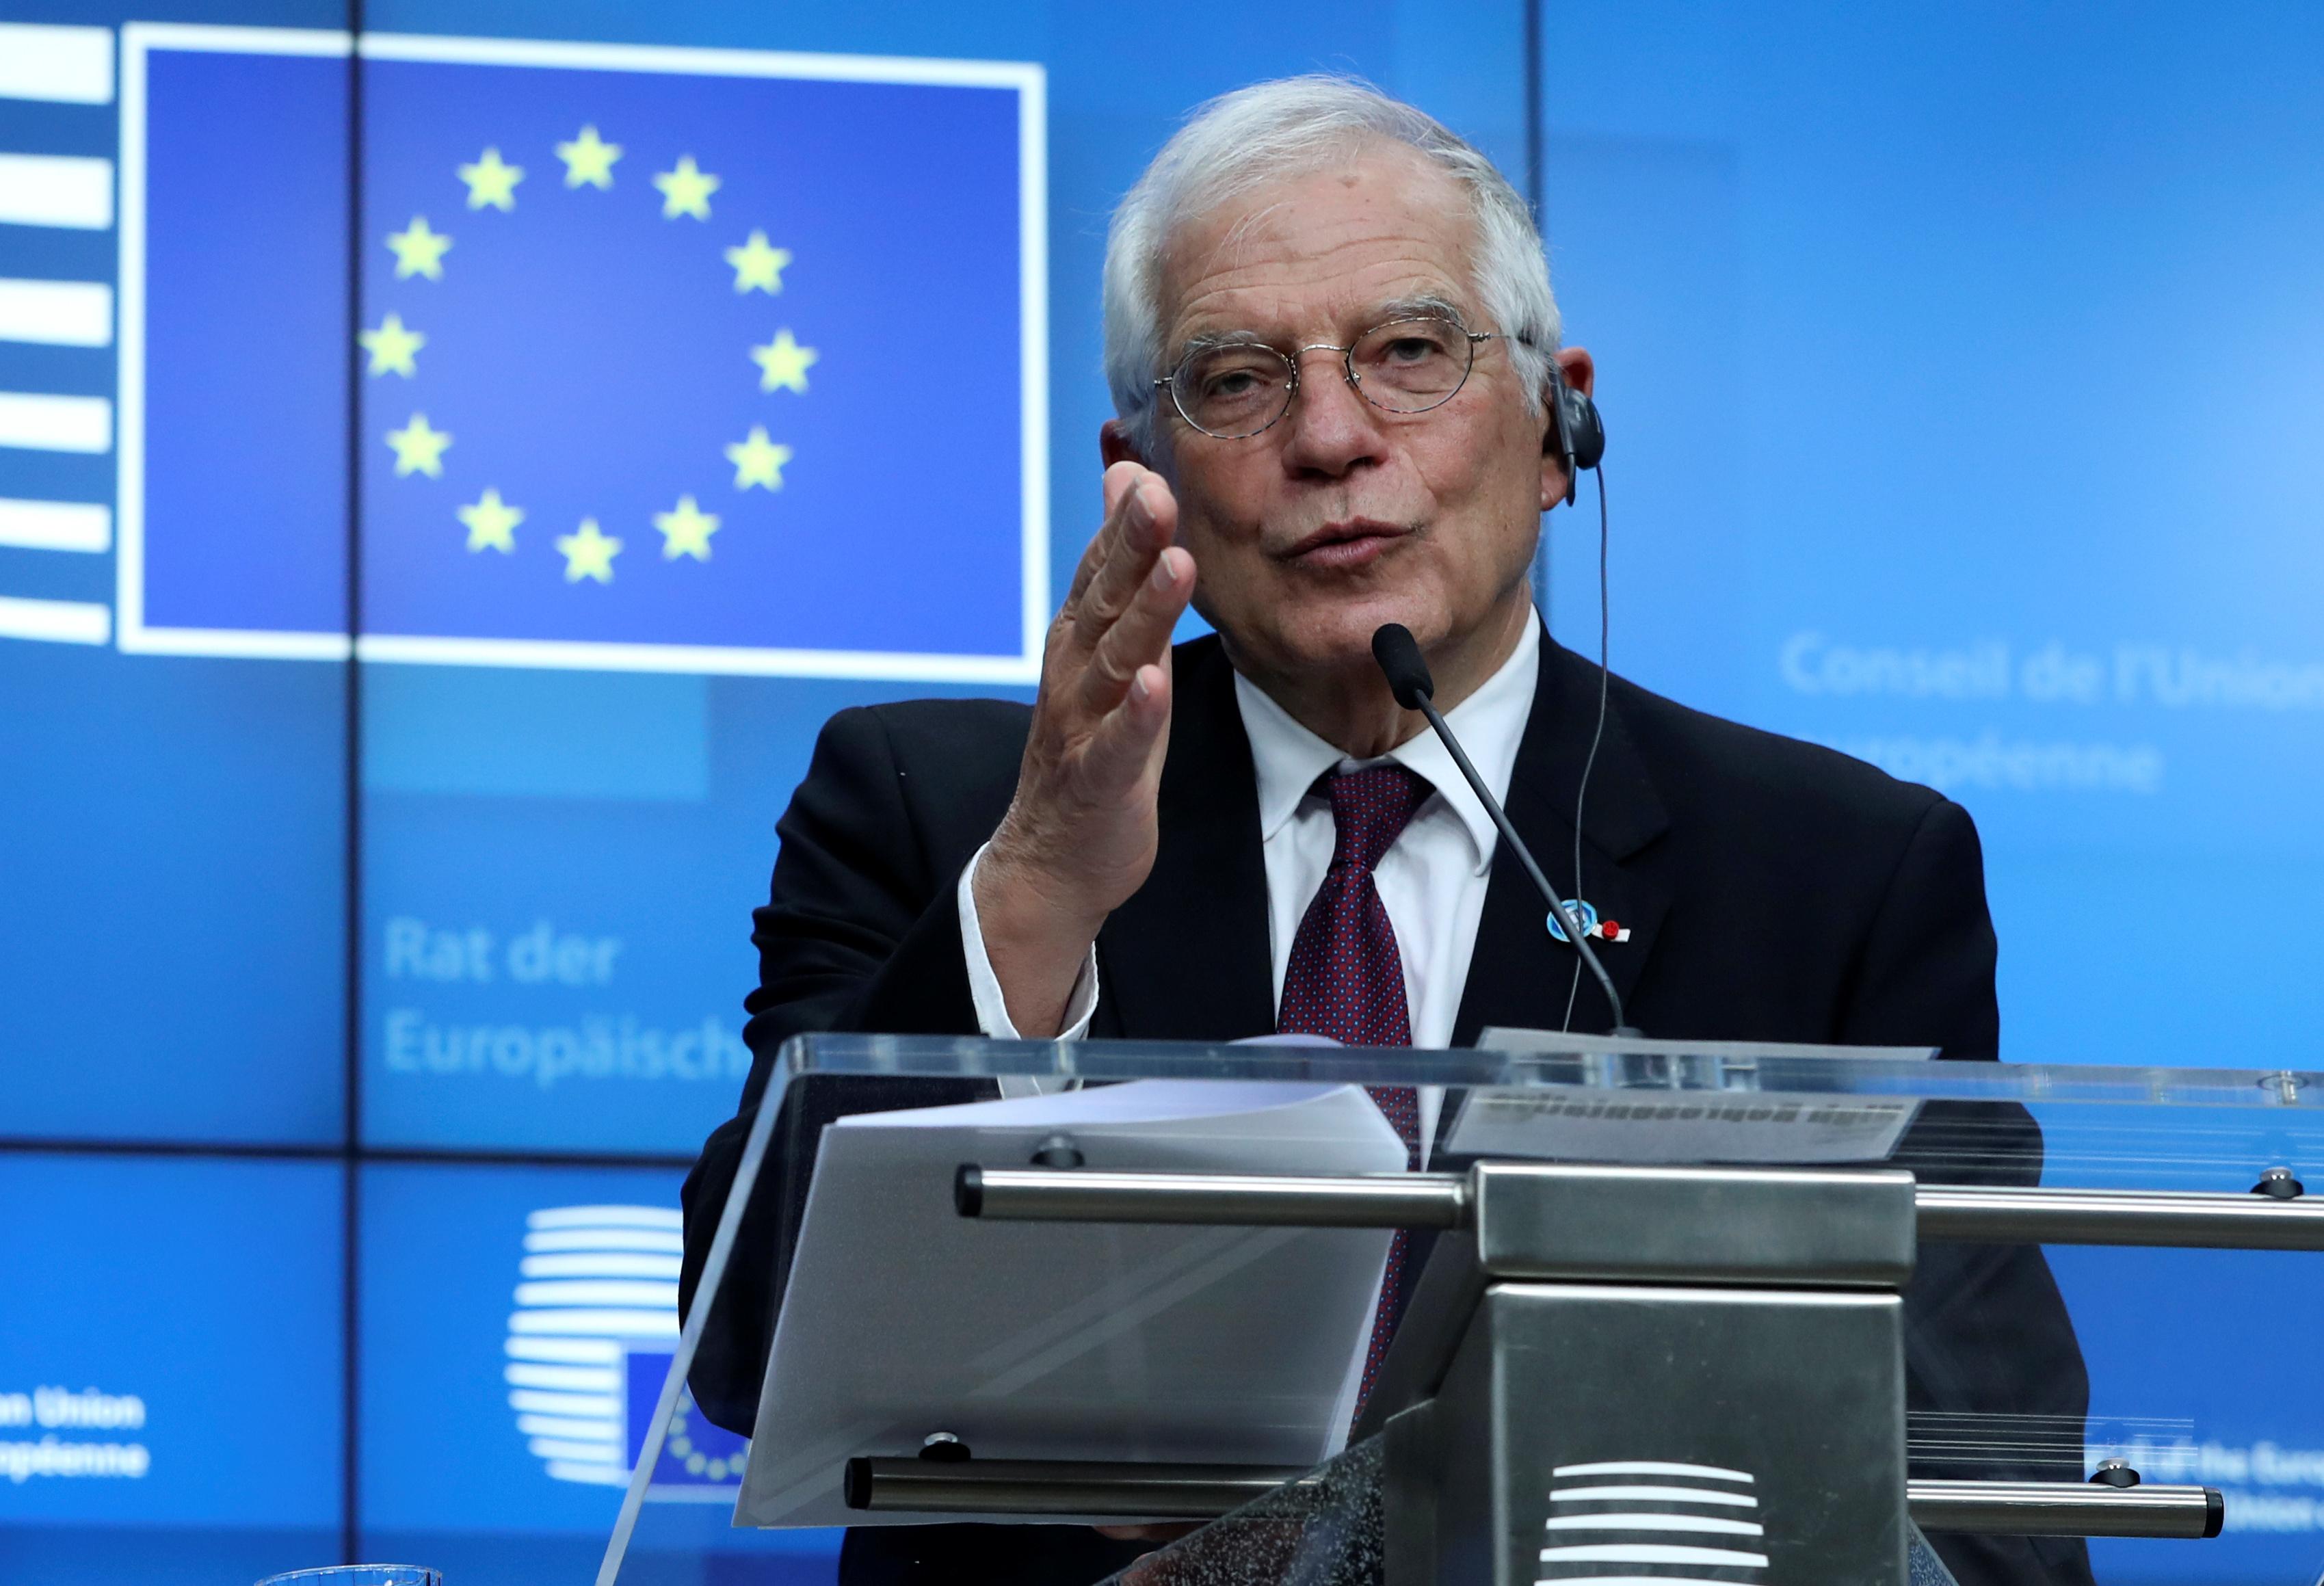 Ζοζέπ Μπορέλ: Η Ευρωπαϊκή Ένωση να δεχθεί άλλους 10-20.000 πρόσφυγες από το Αφγανιστάν